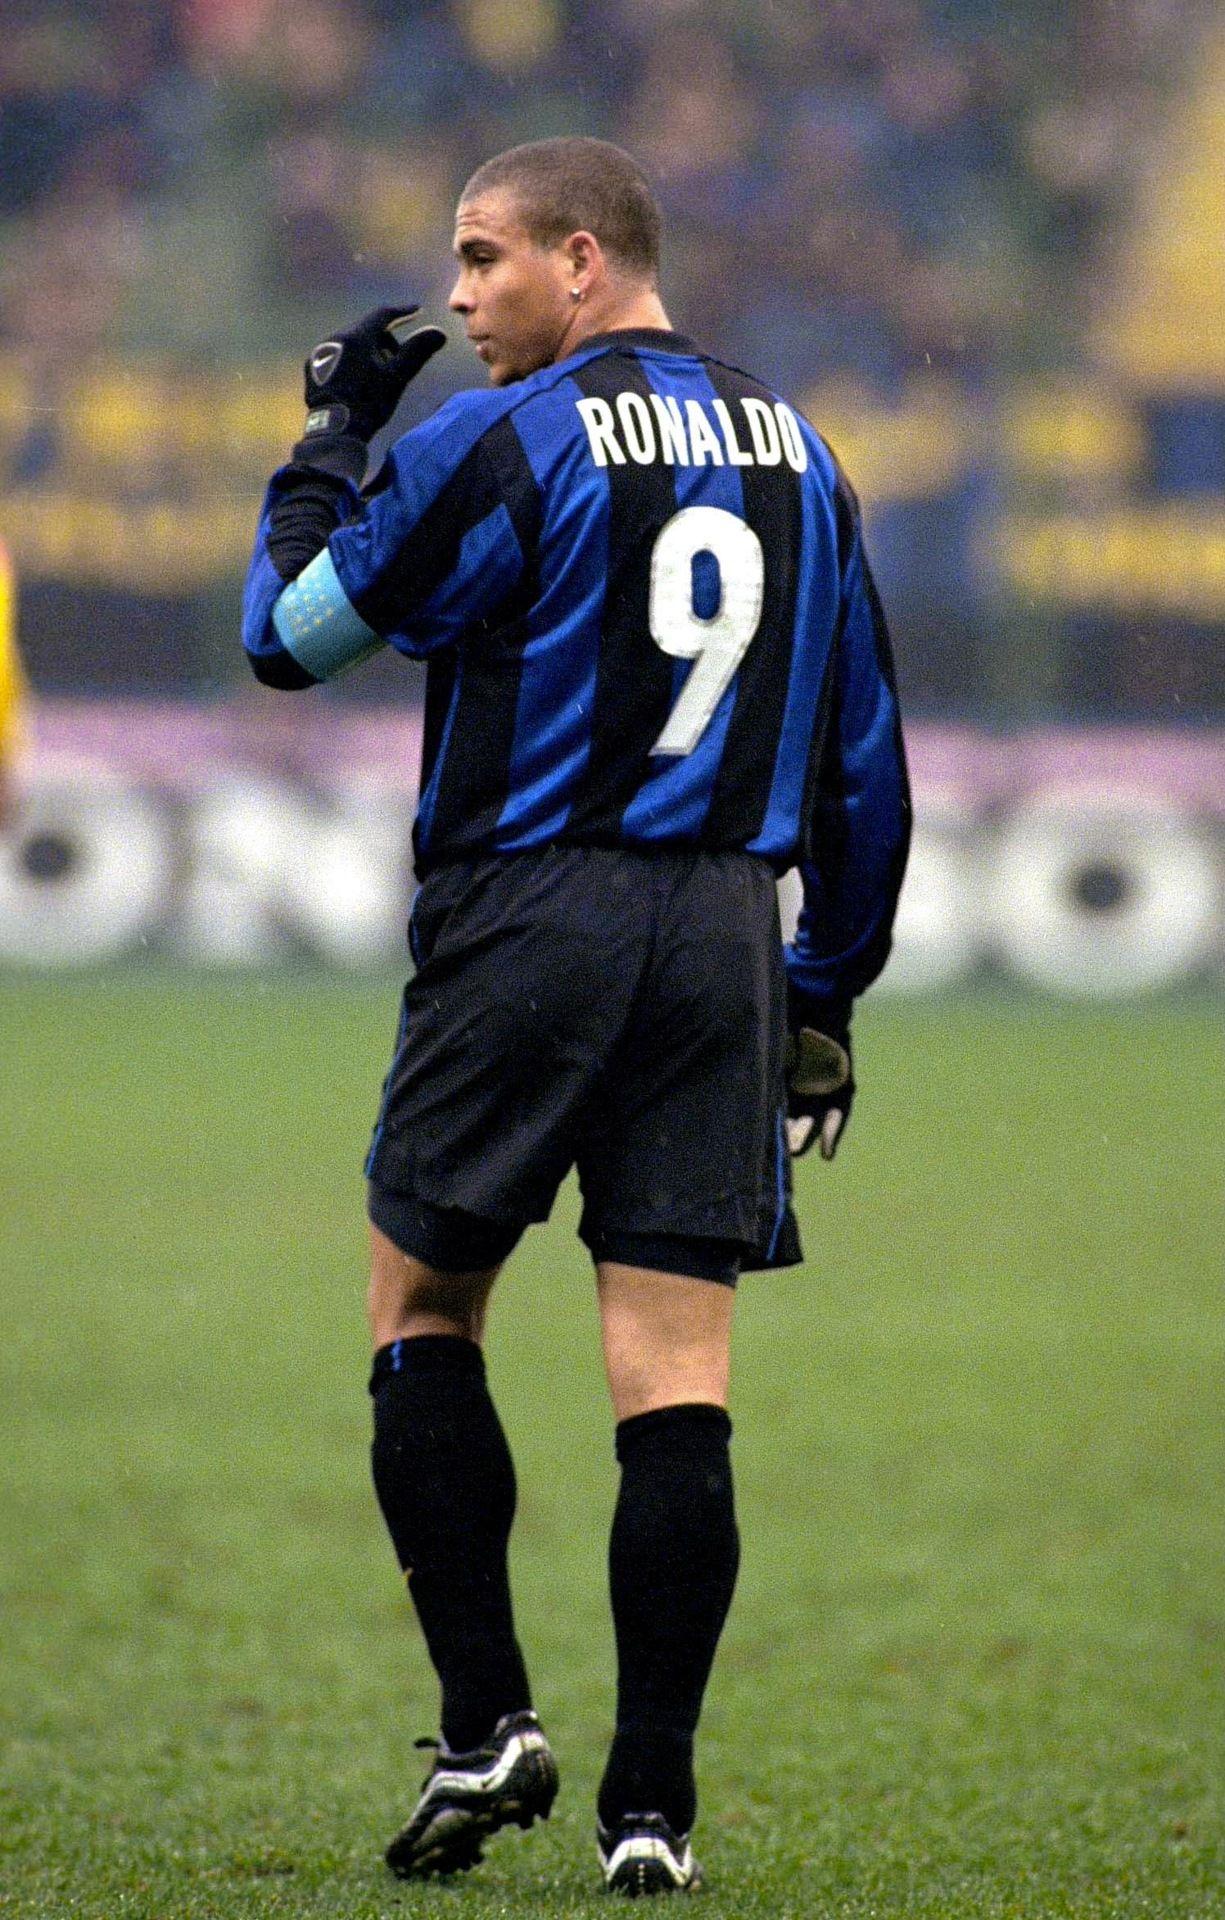 Ronaldo the phenomenon